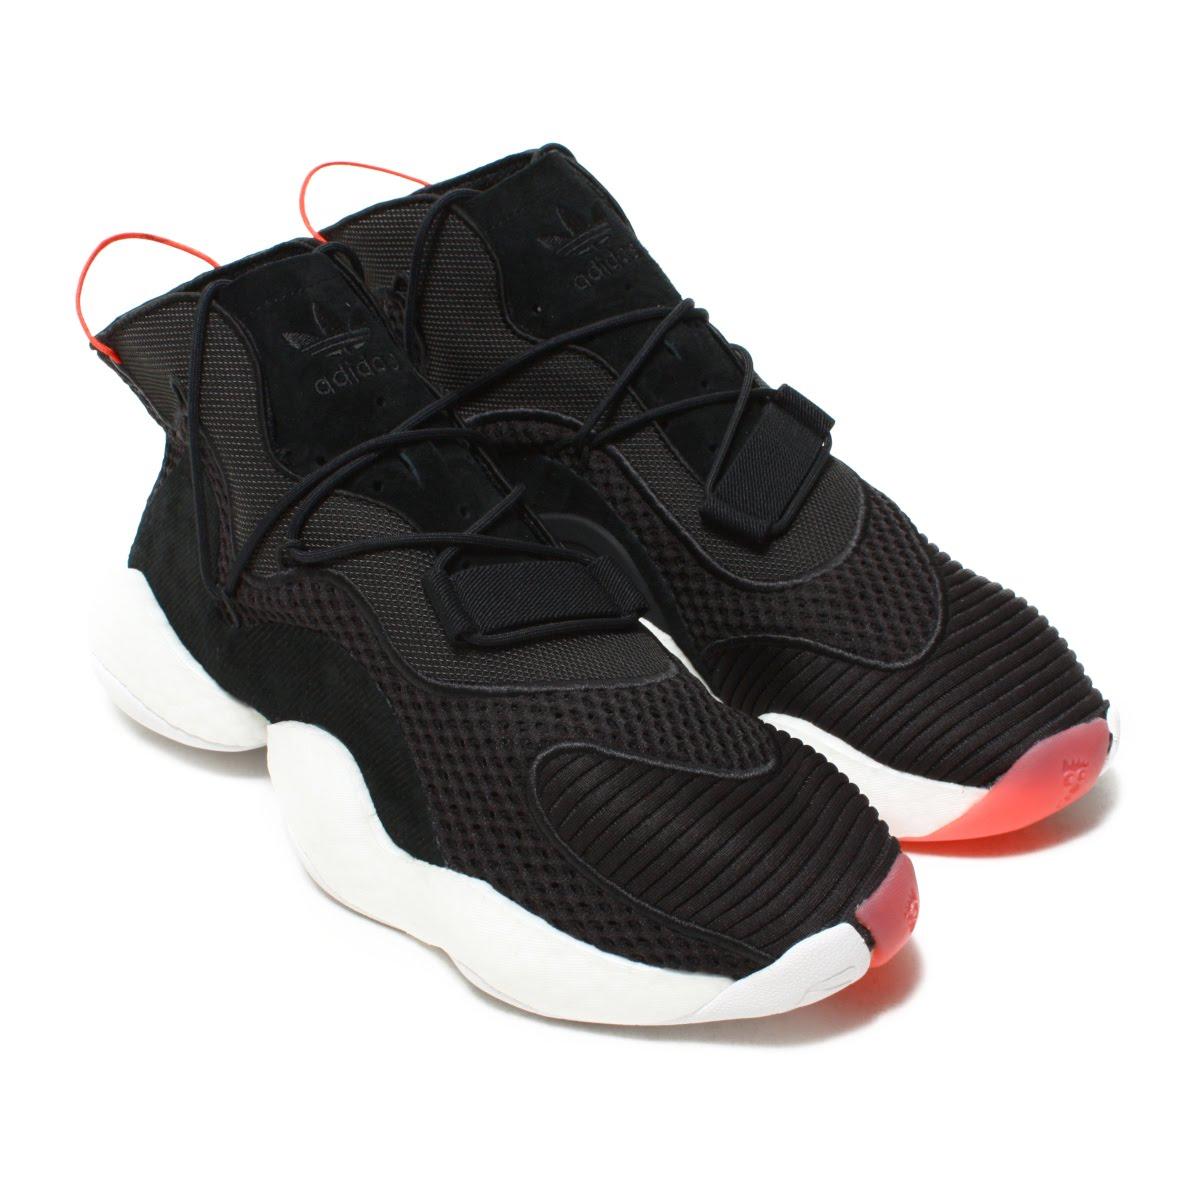 正式的 adidas Originals CRAZY BYW BYW LVL I(アディダス オリジナルス クレイジーBYW LVL1)Core Originals CRAZY Black.Running White/Bright Red【メンズ スニーカー】18FW-I, バリ雑貨アジアンインテリアストア:46cd4914 --- konecti.dominiotemporario.com